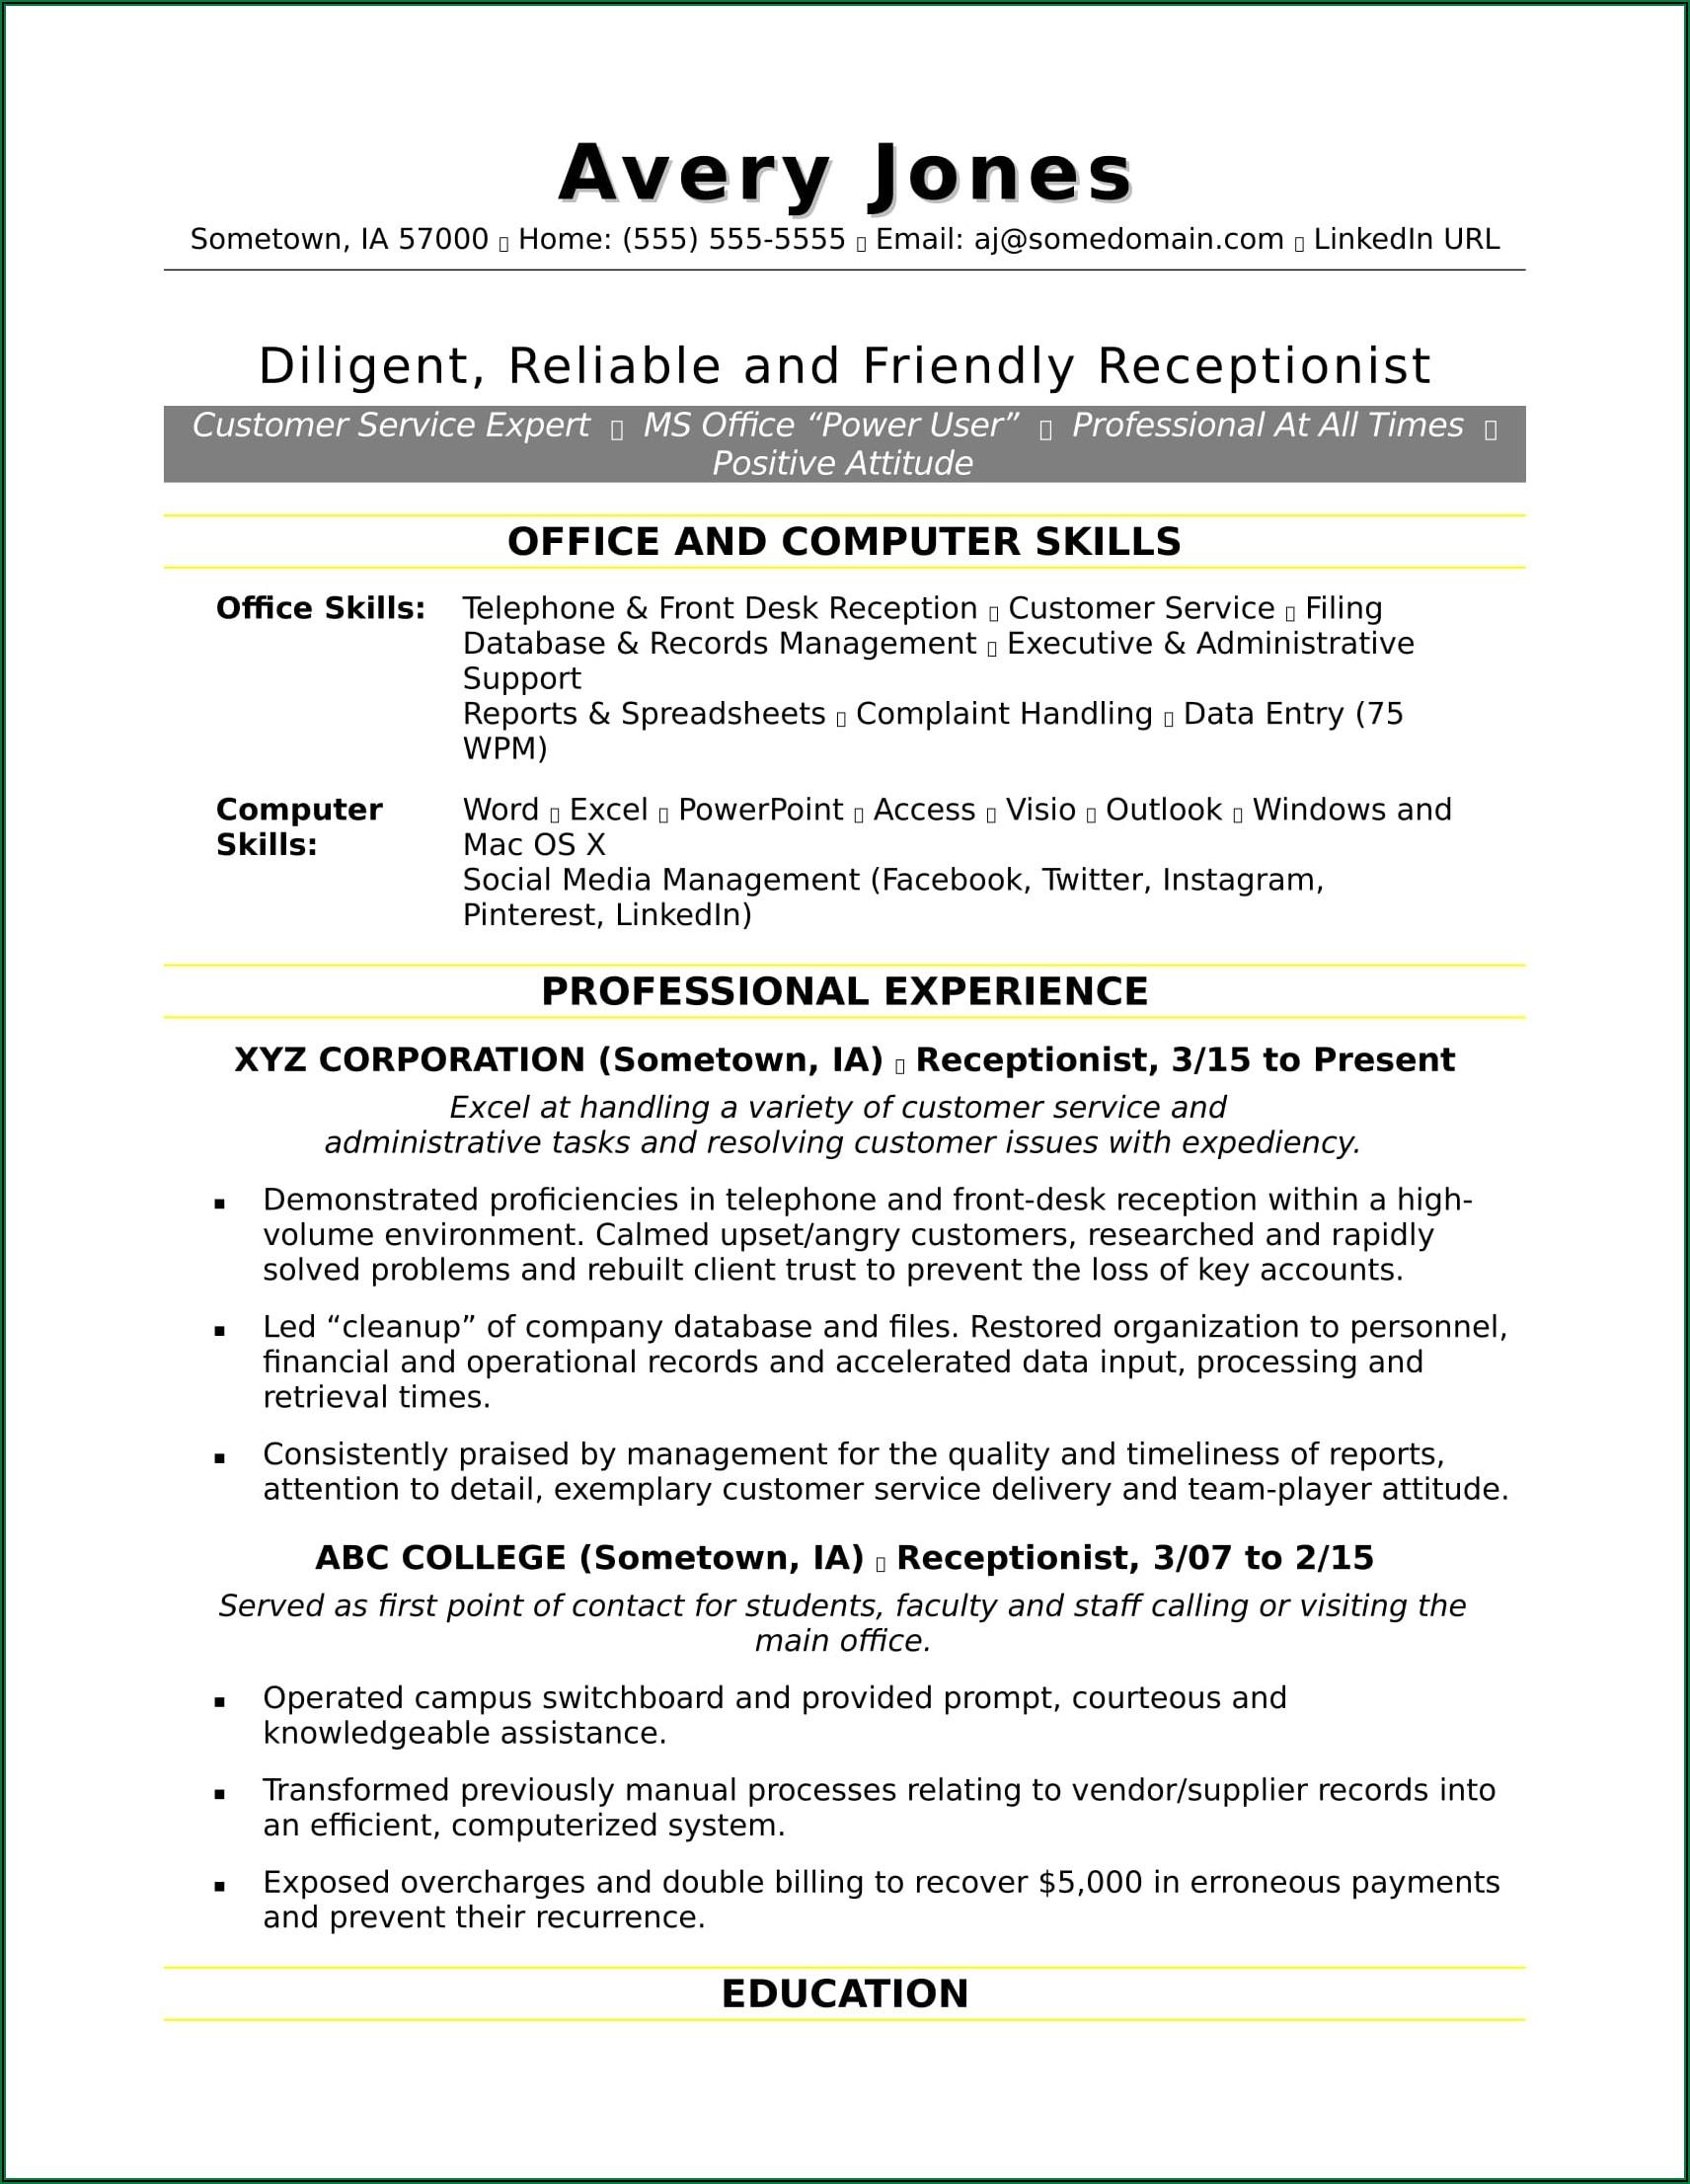 Sample Cv For Customer Service Representative